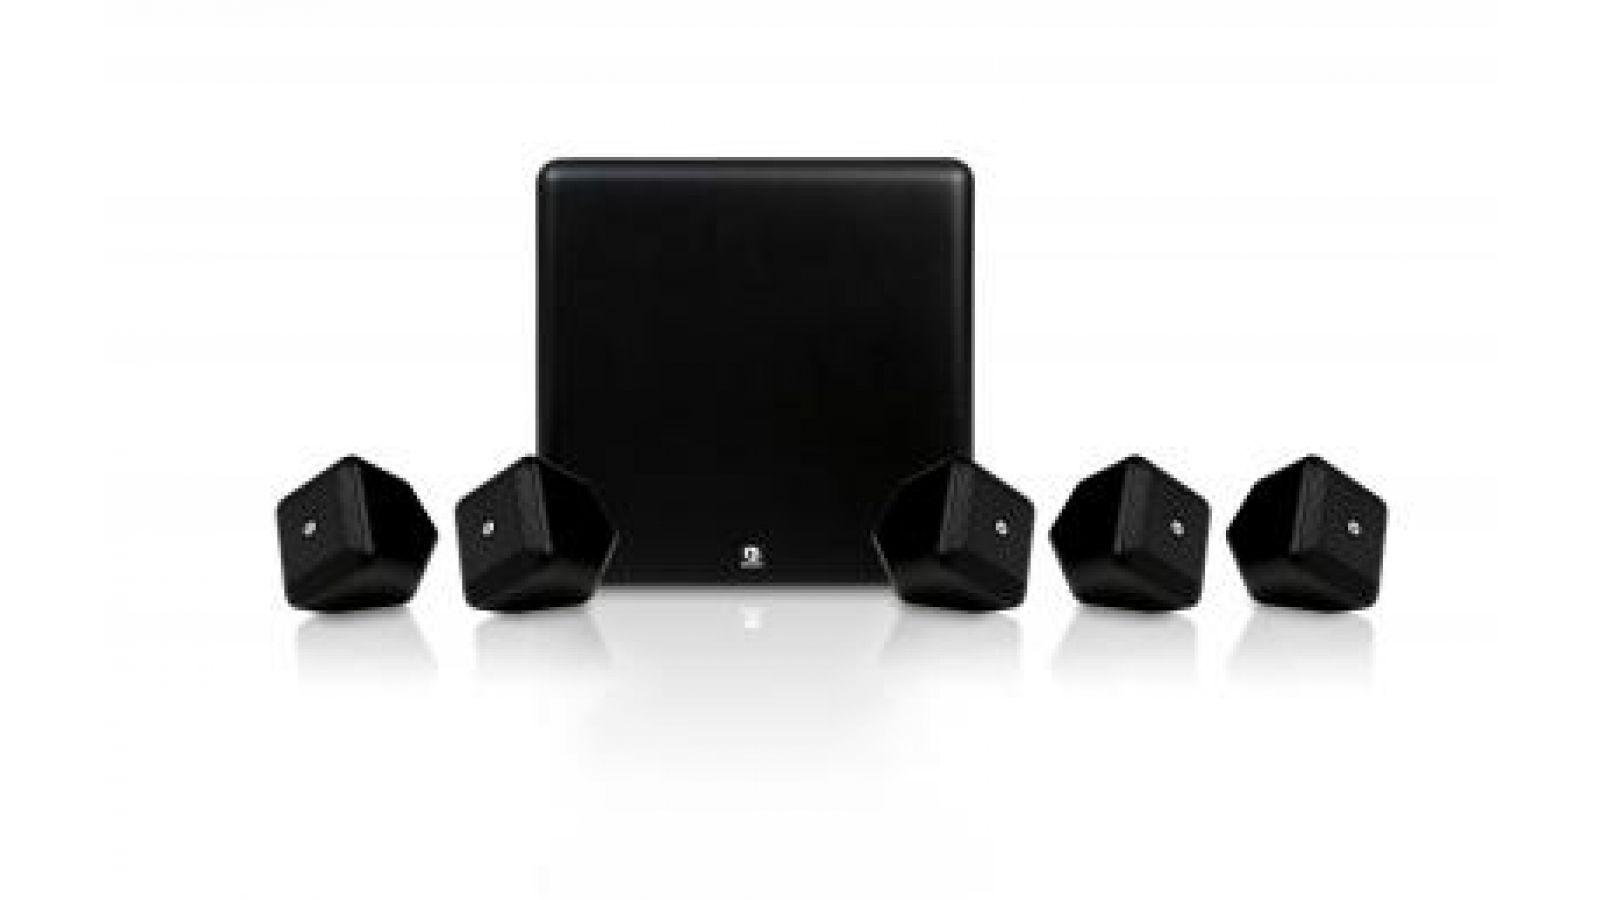 SoundWare XS 5.1 Surround Sound Speaker System